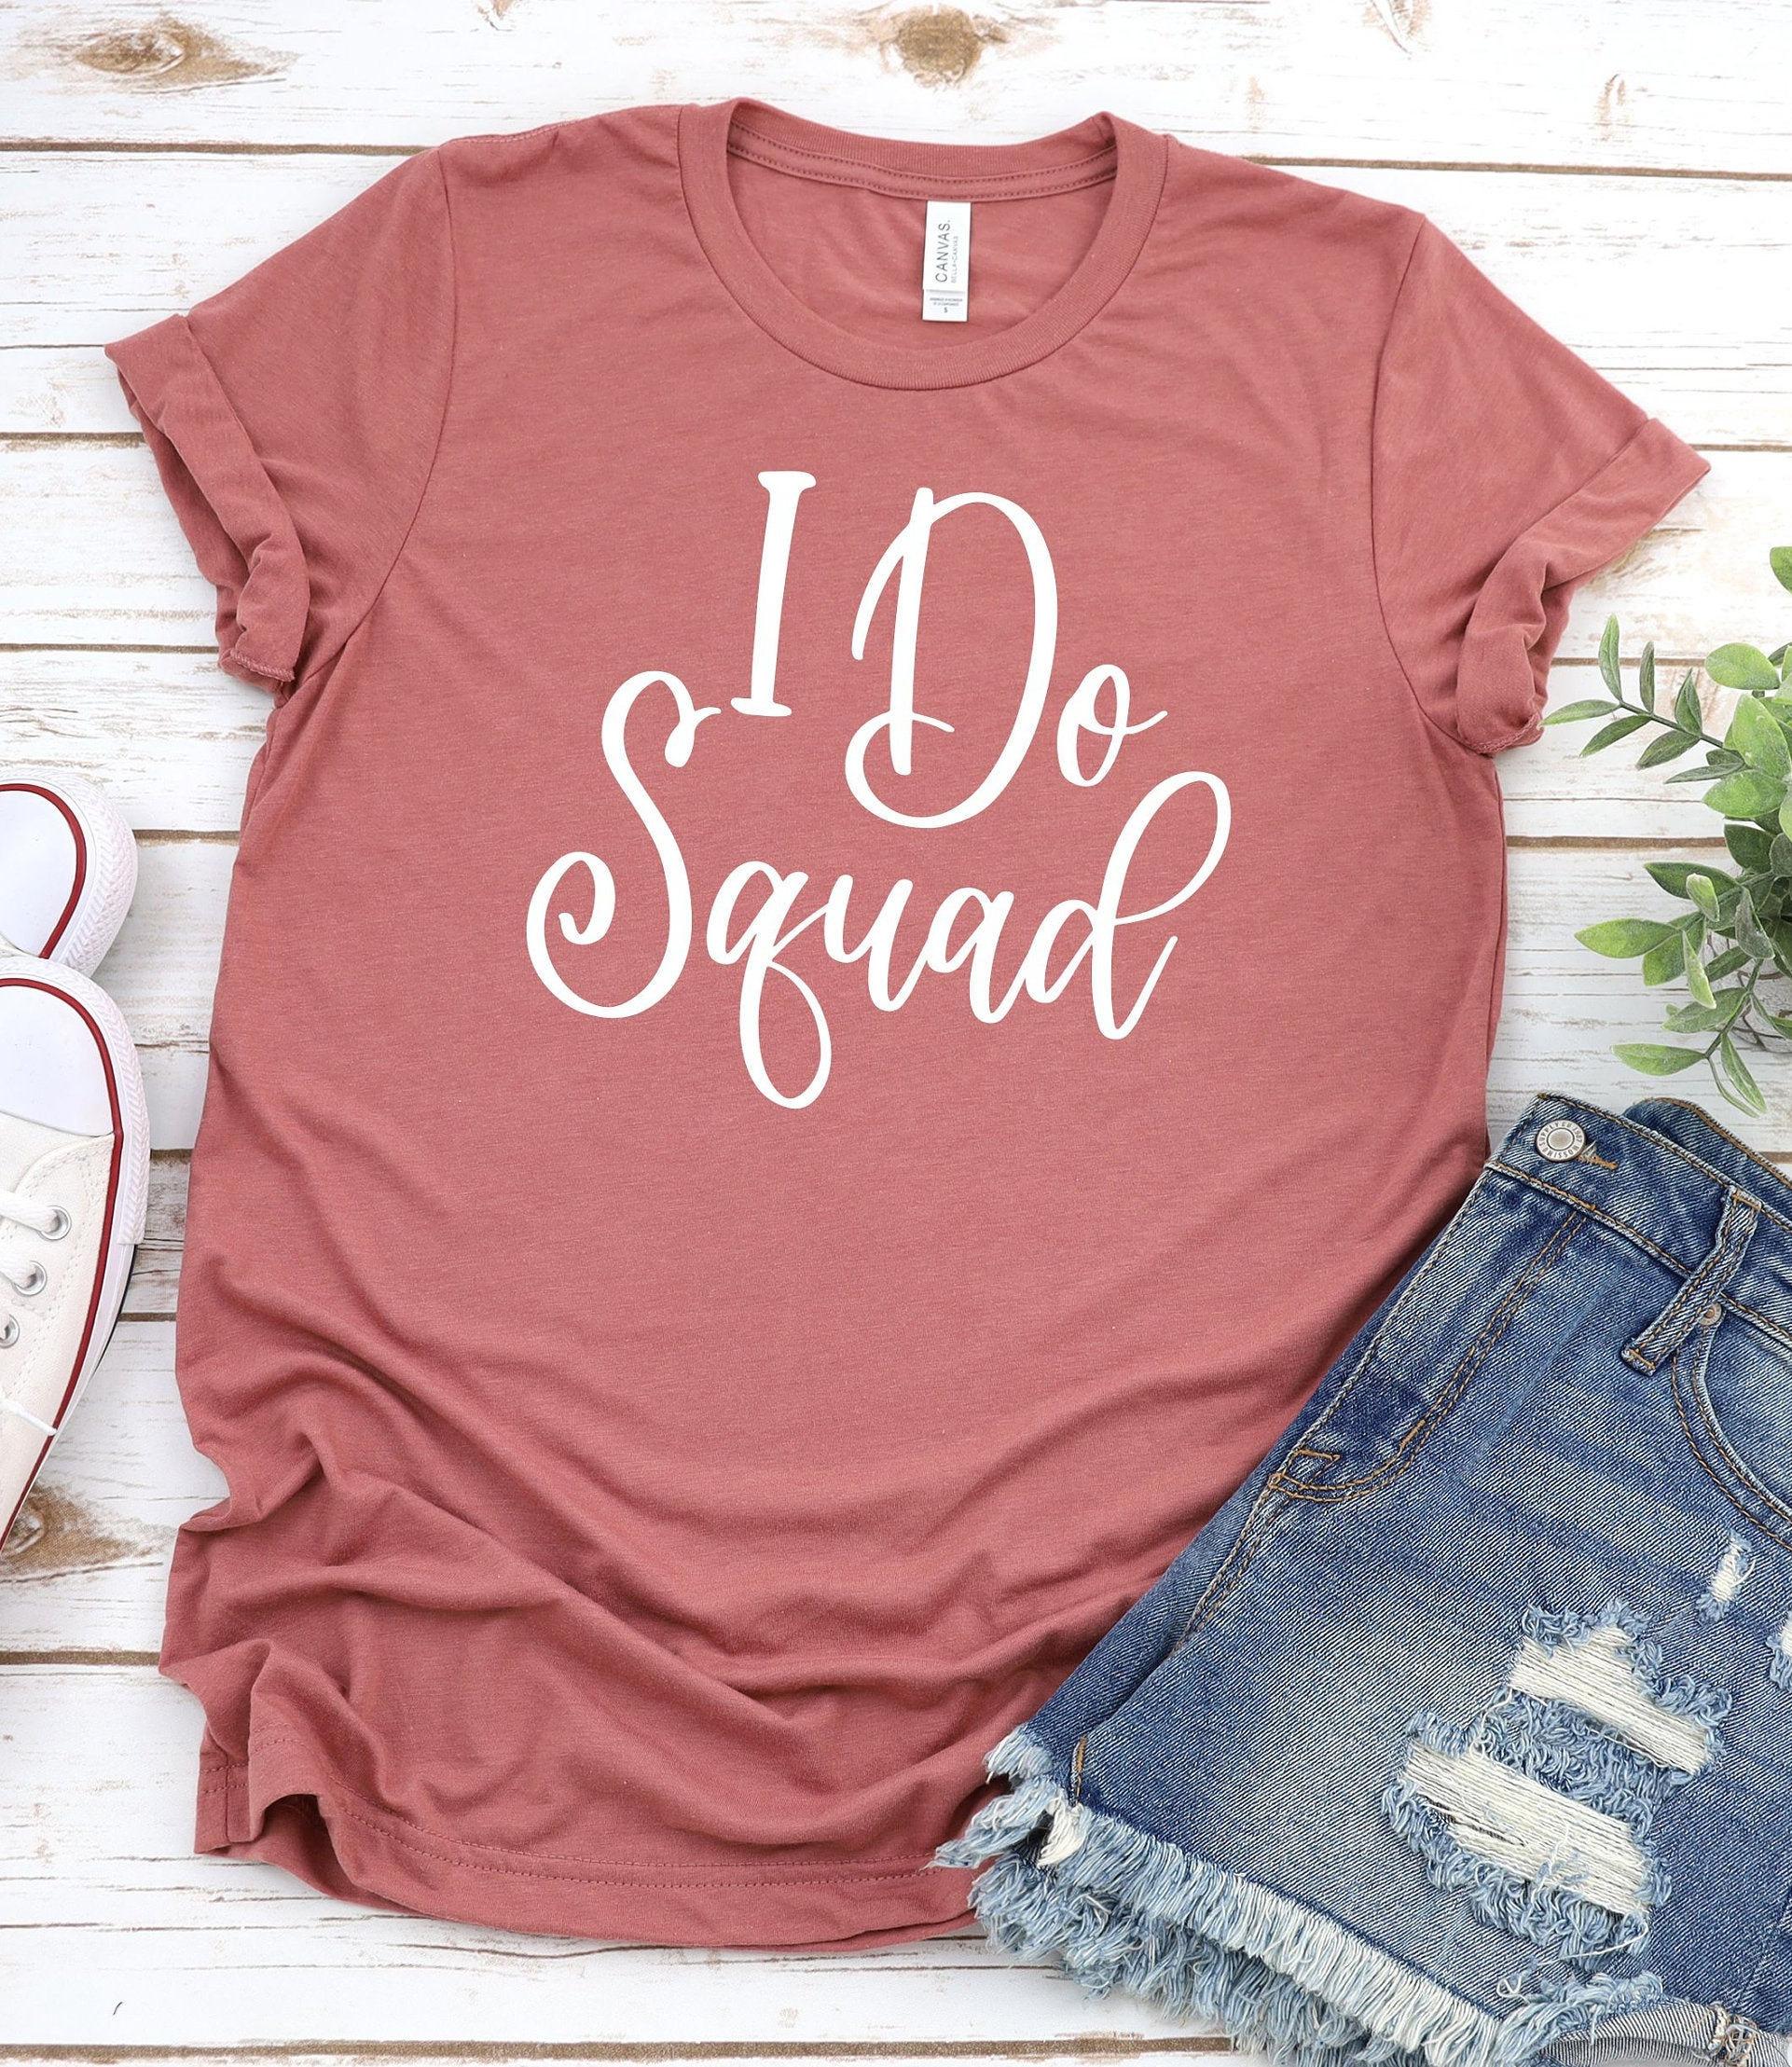 I-do-squad-svg-bridal-cut-files-bridesmaid-svg-bridal-party-svg-bachelorette-svg-bridal-svg-designs-wedding-cut-files-svg-for-cricut-60514d17